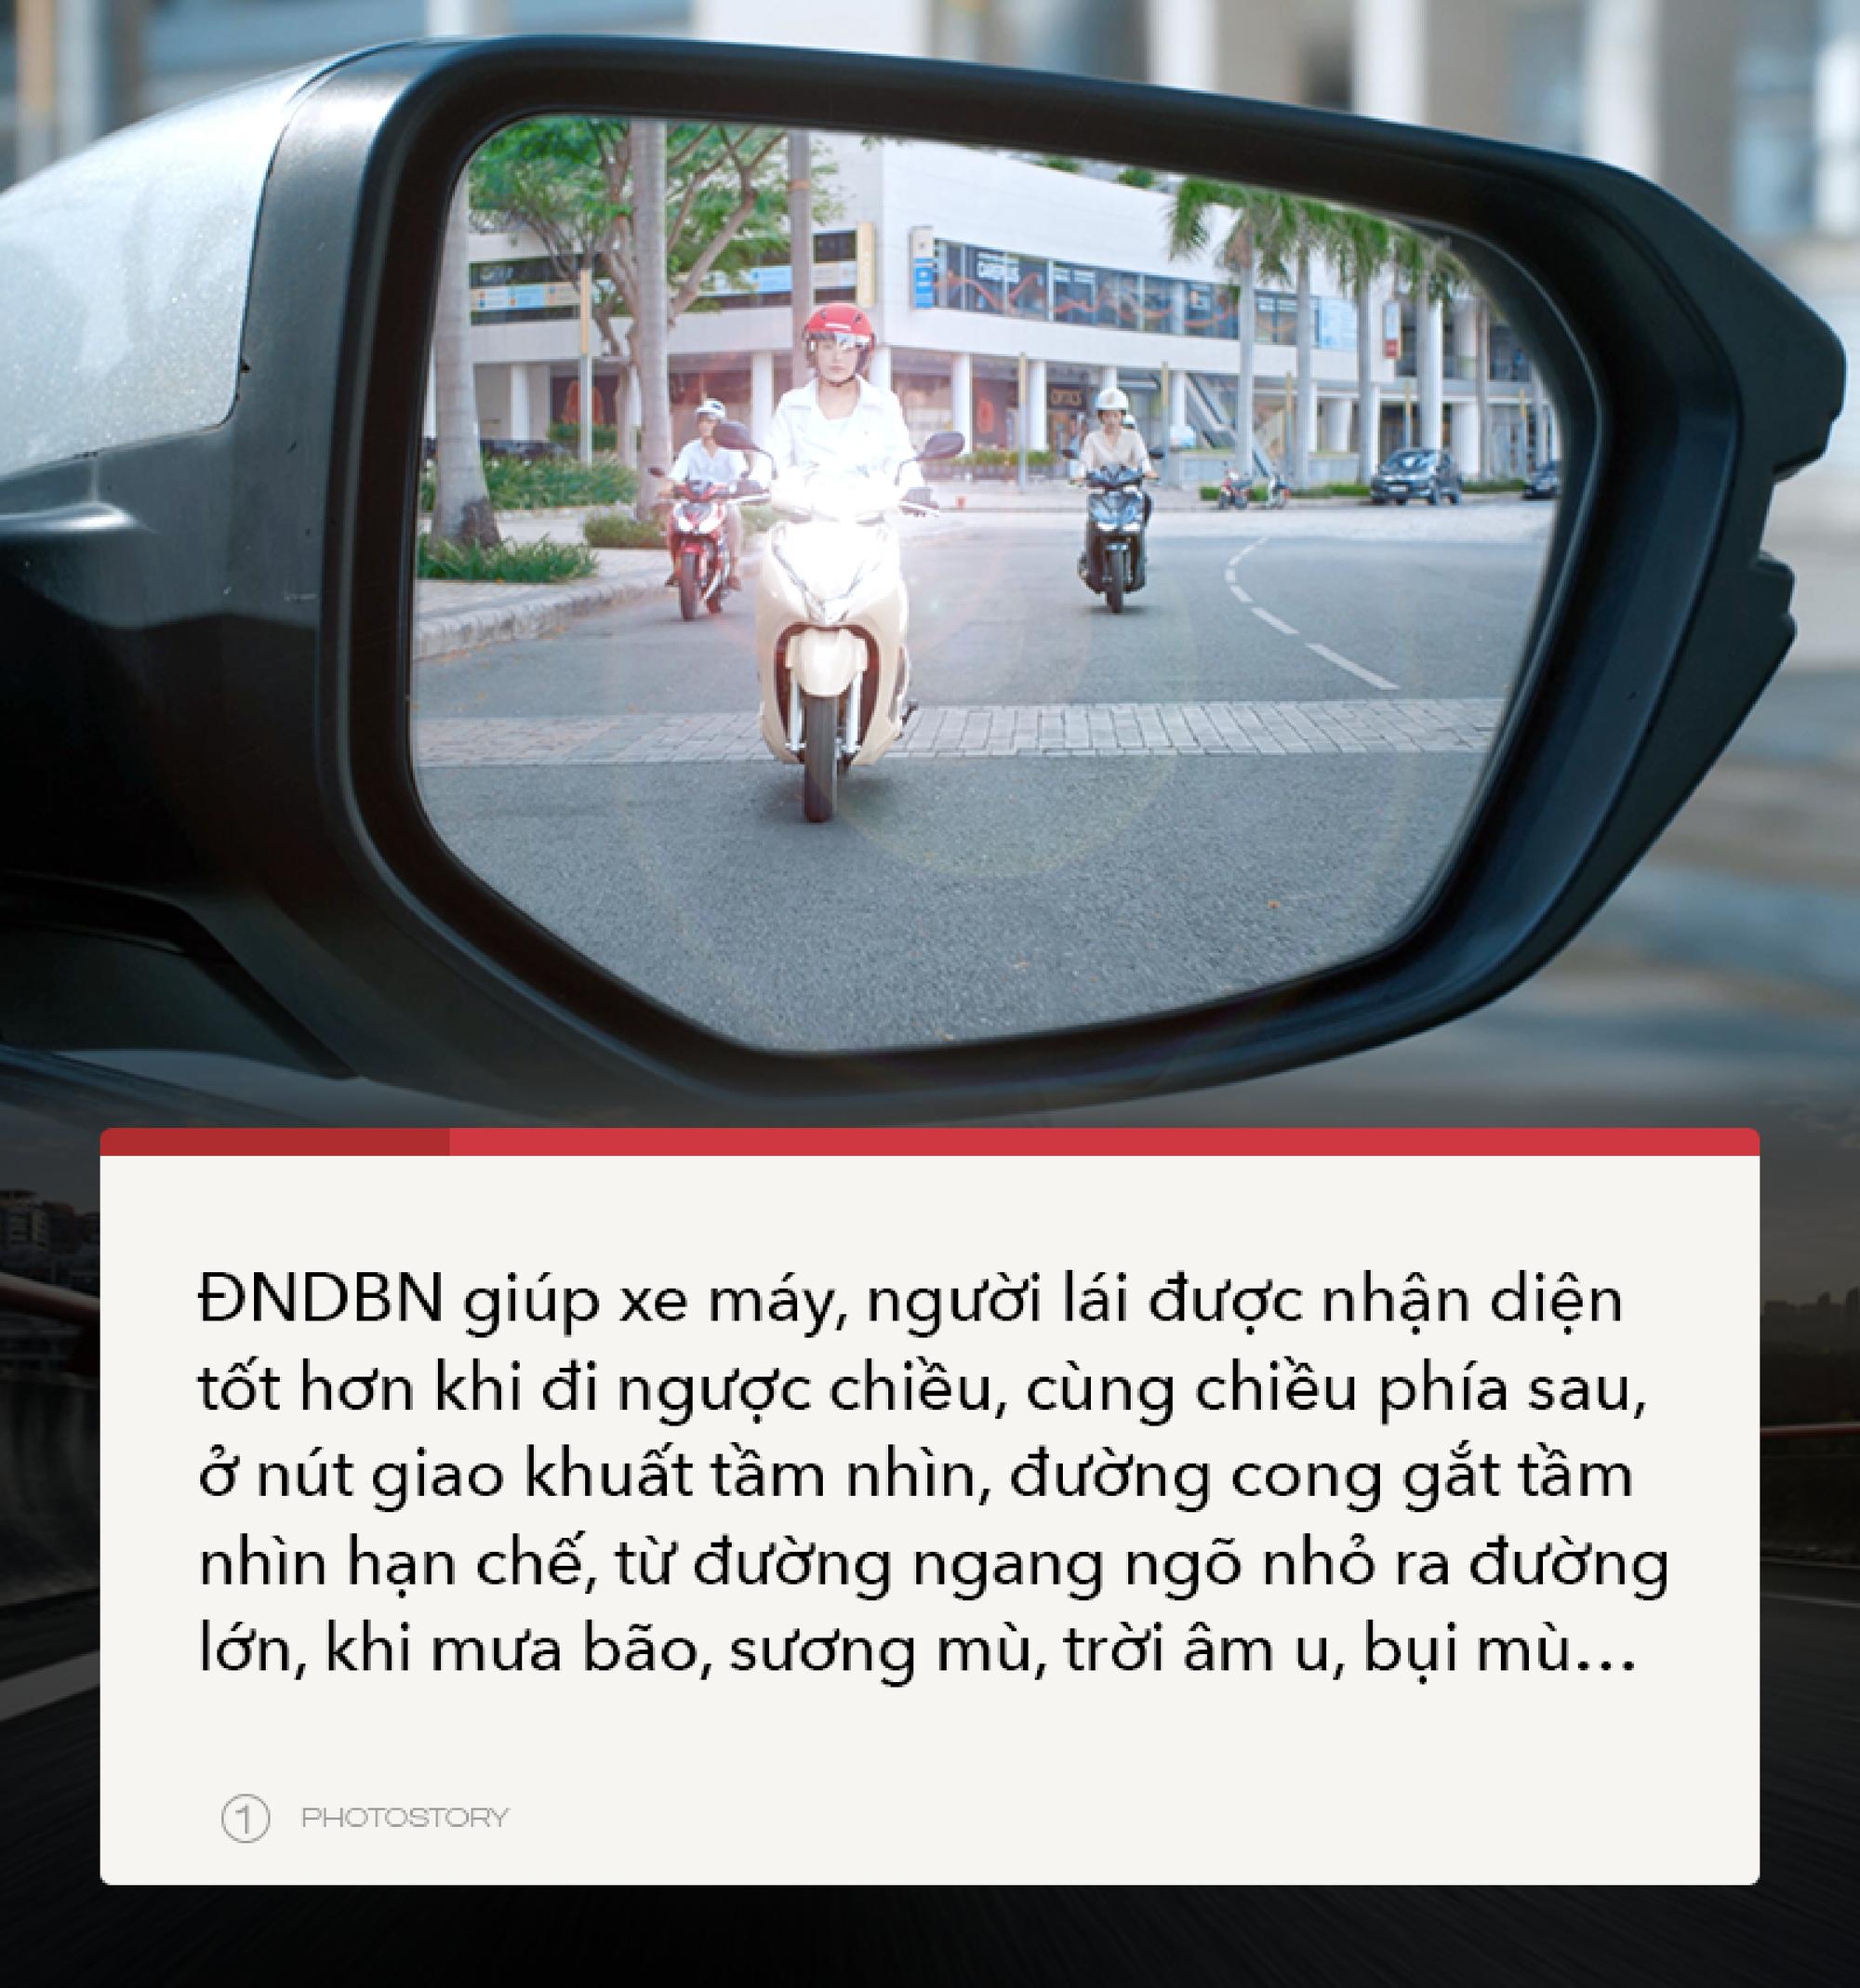 Đèn nhận diện ban ngày, xu hướng dần trở nên phổ biến tại Việt Nam - Ảnh 5.